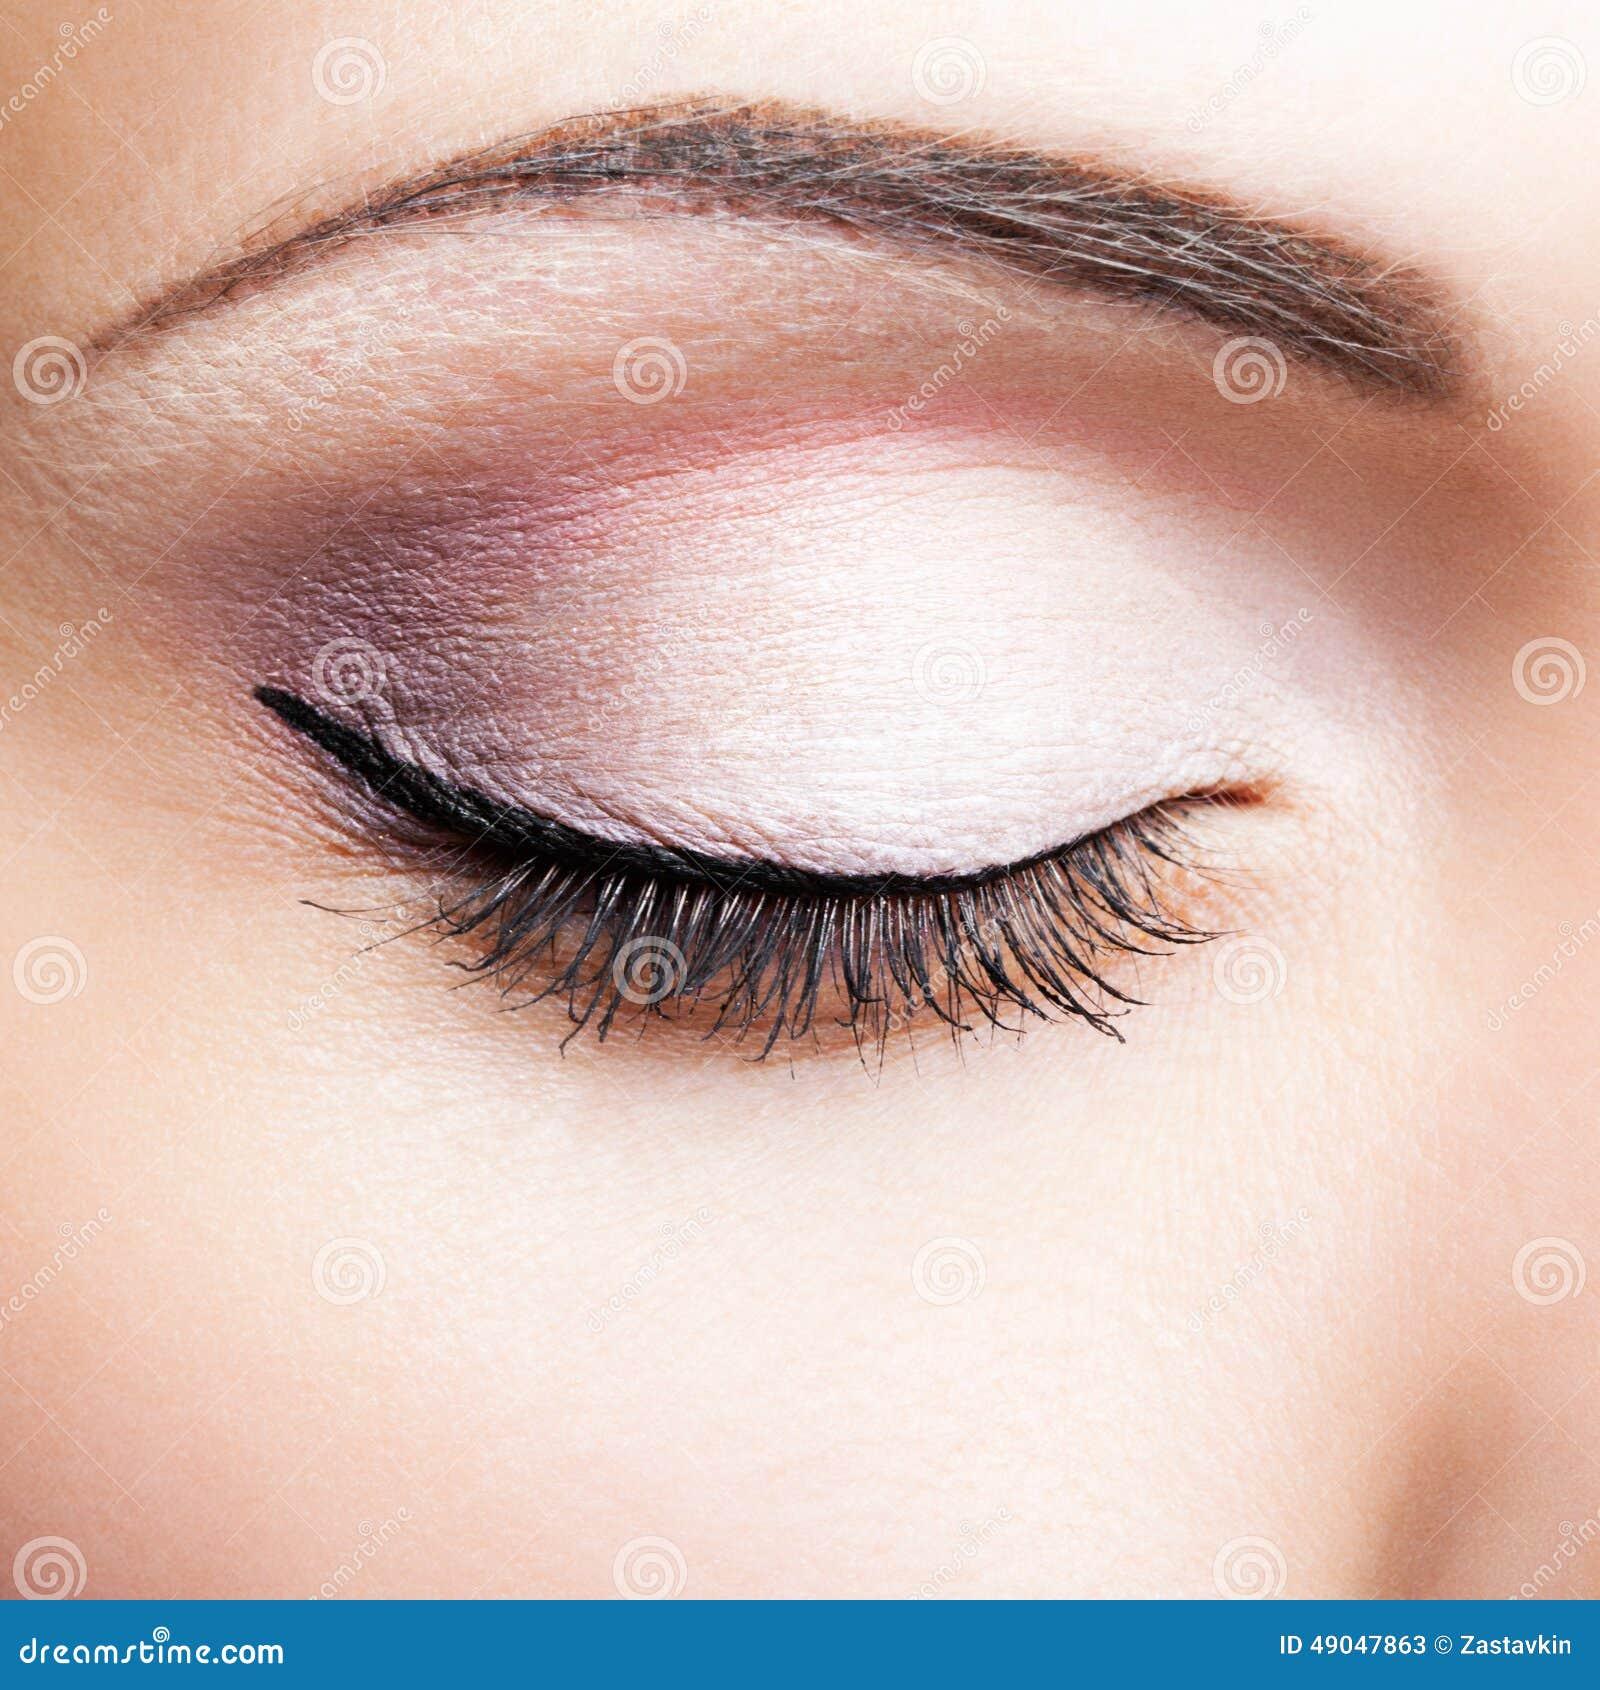 Closed eye stock image. Image of elegance, glamour ...